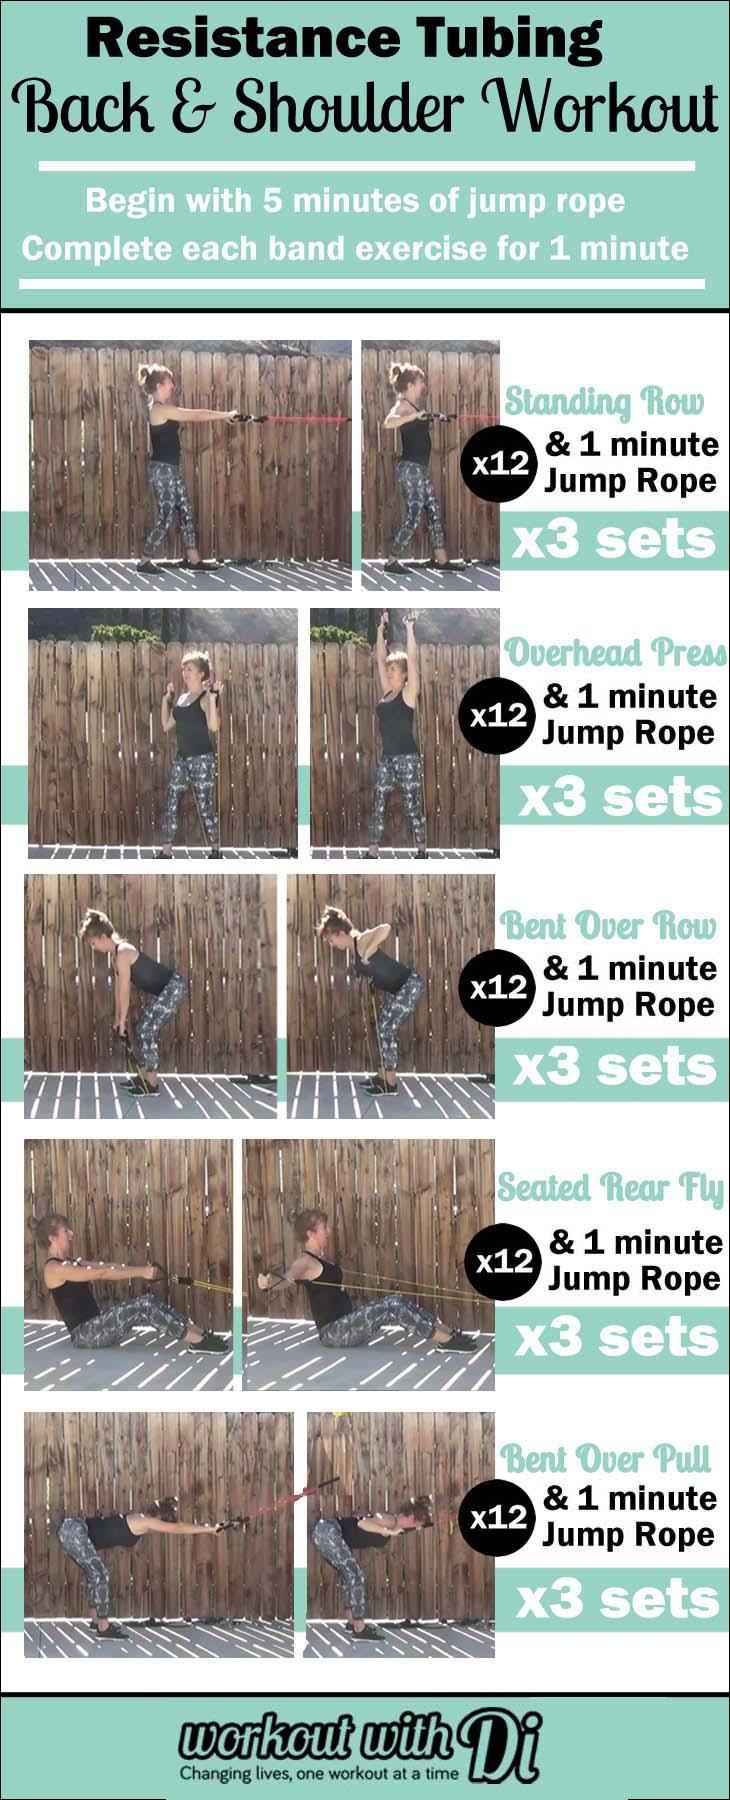 back and shoulder resistance tube workout